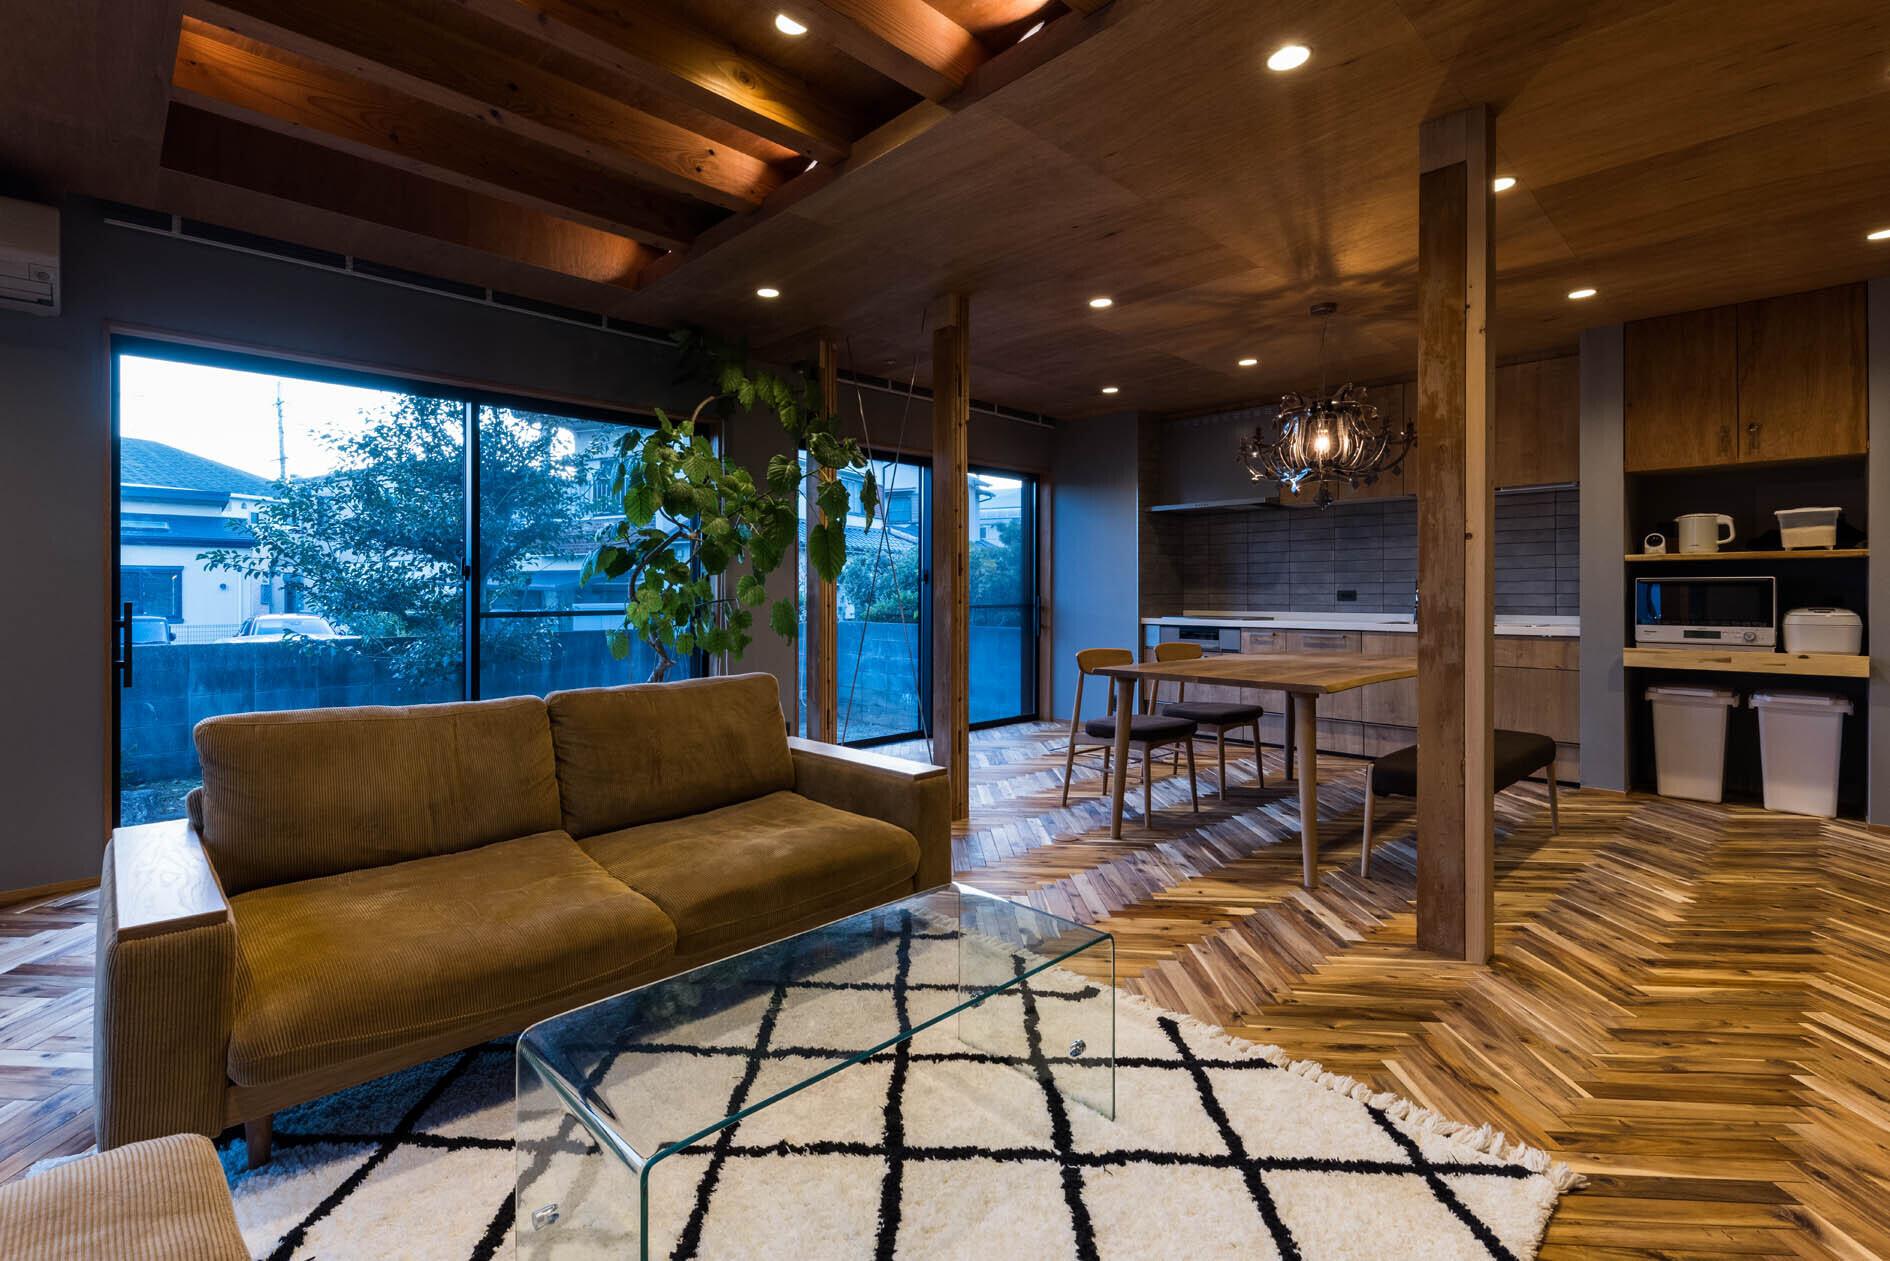 京都と海外が融合する家の建築事例写真